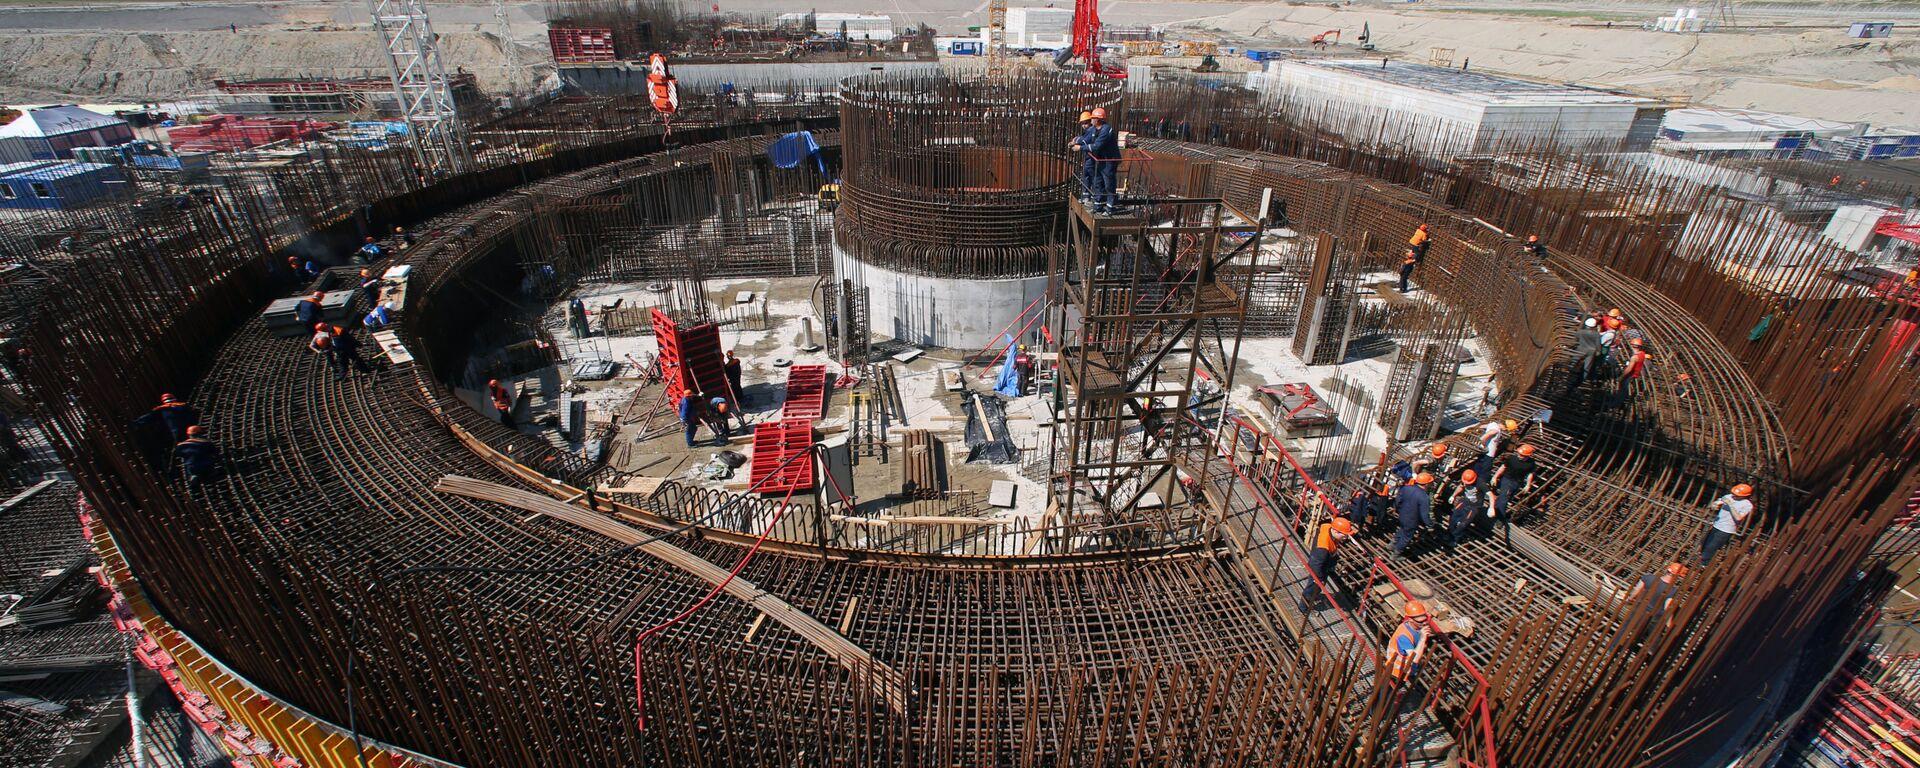 ბალტიის აეს-ის მშენებლობა კალინინგრადში - Sputnik საქართველო, 1920, 09.08.2021